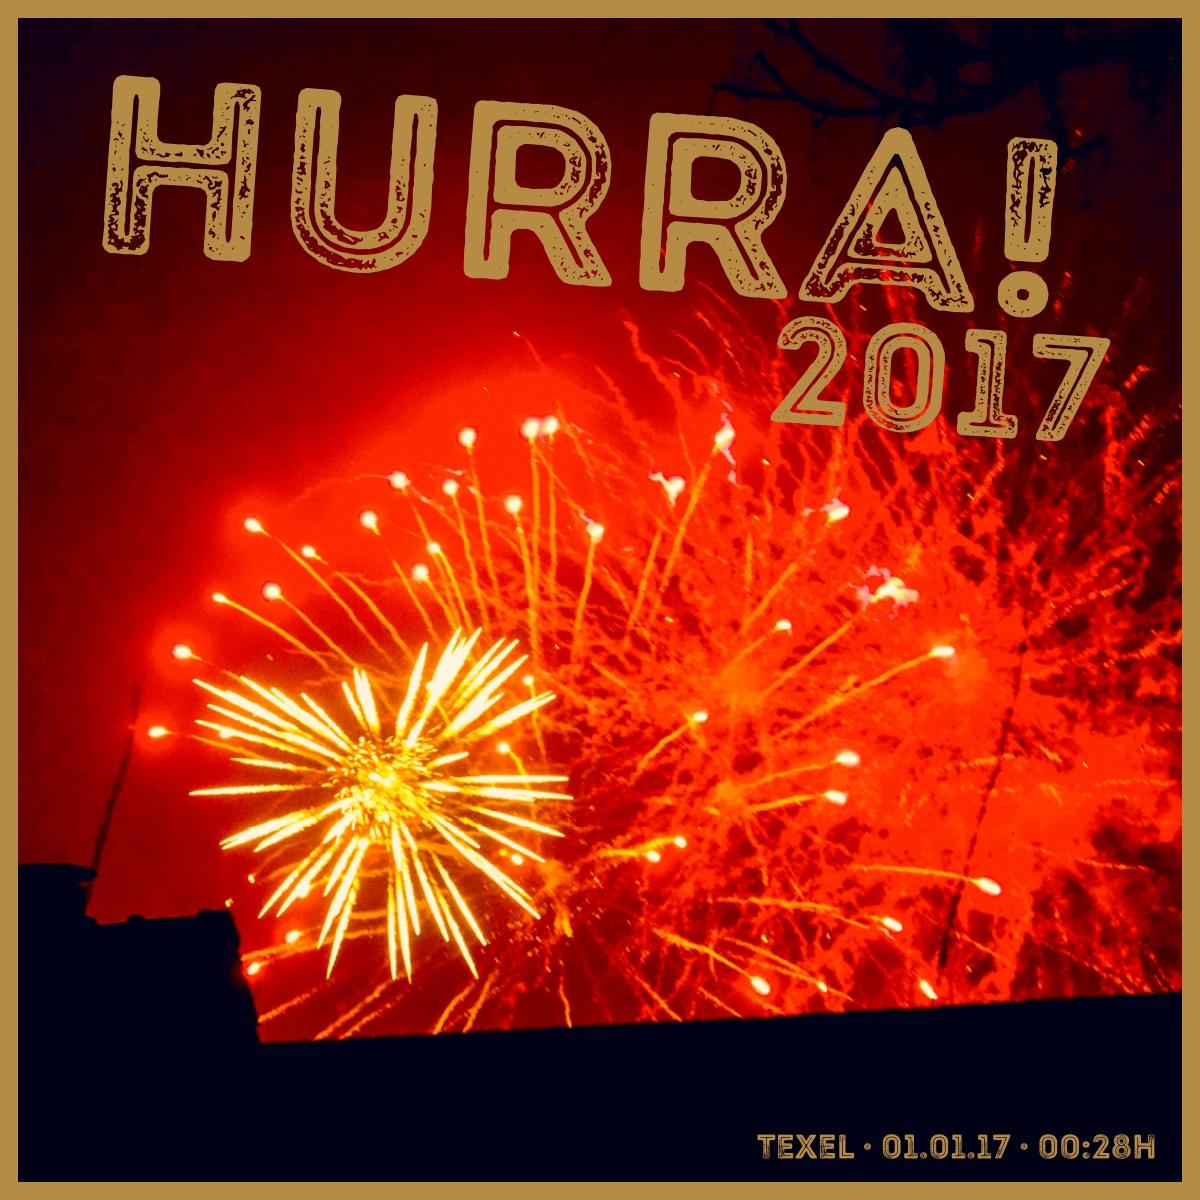 HURRA-2017